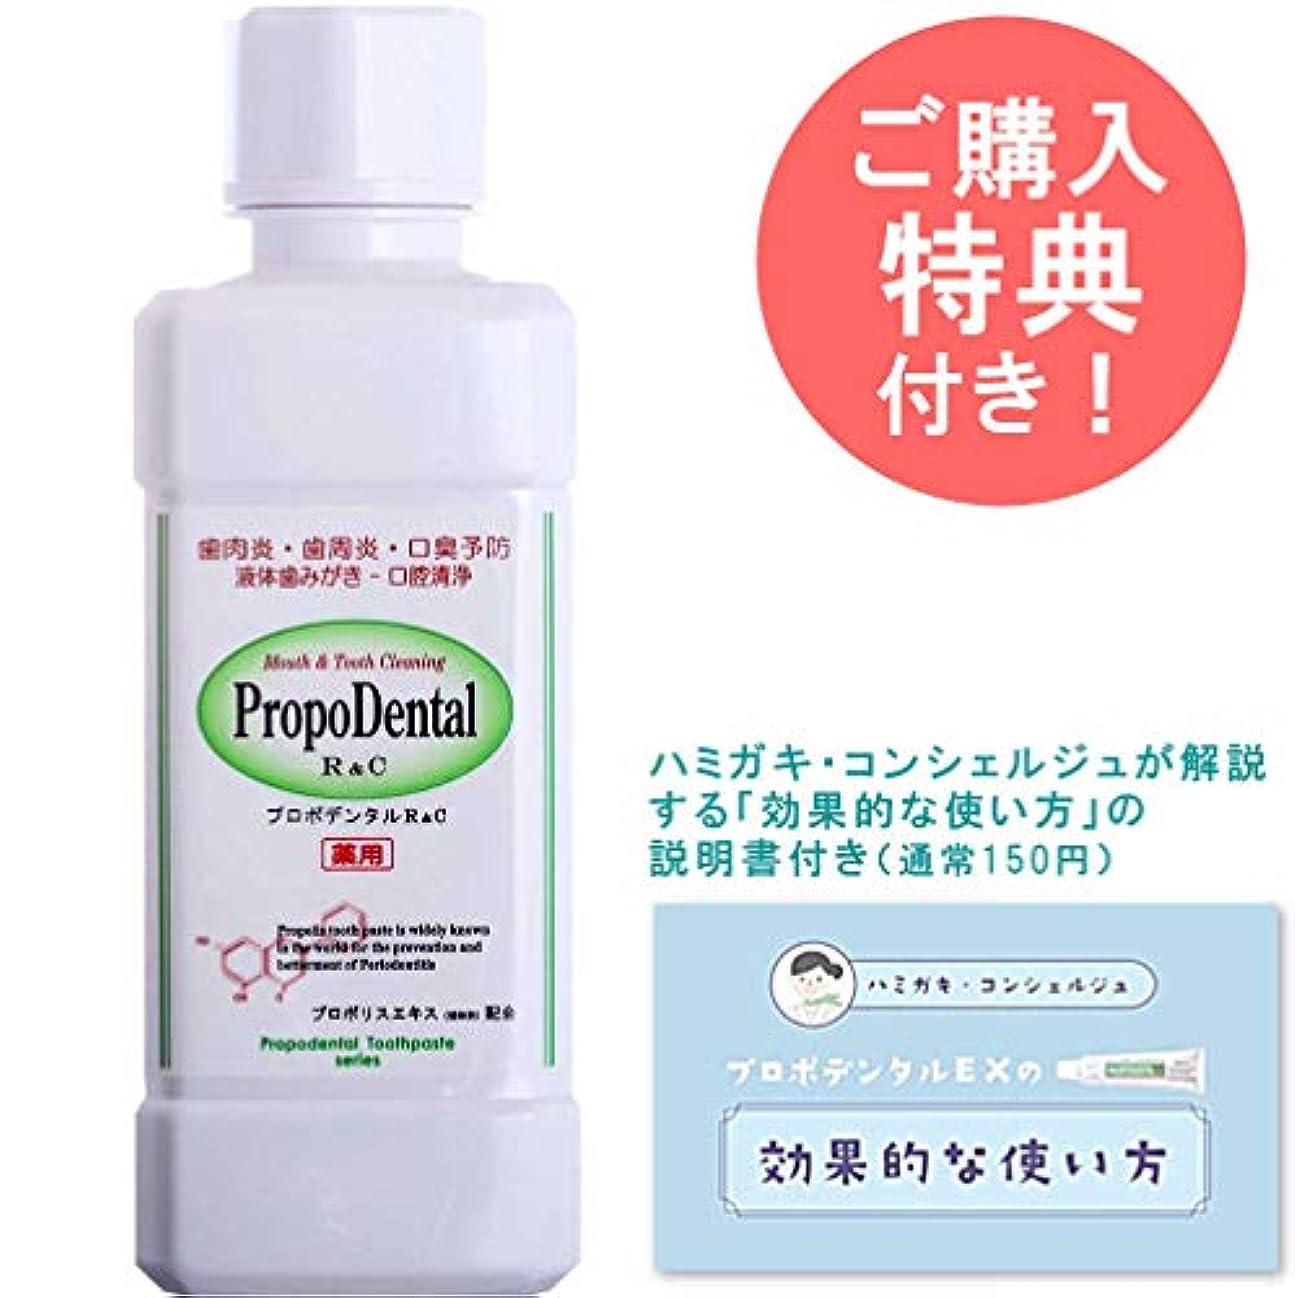 均等に肉屋目的薬用液体ハミガキ プロポデンタルリンスR&C(300ml)1本